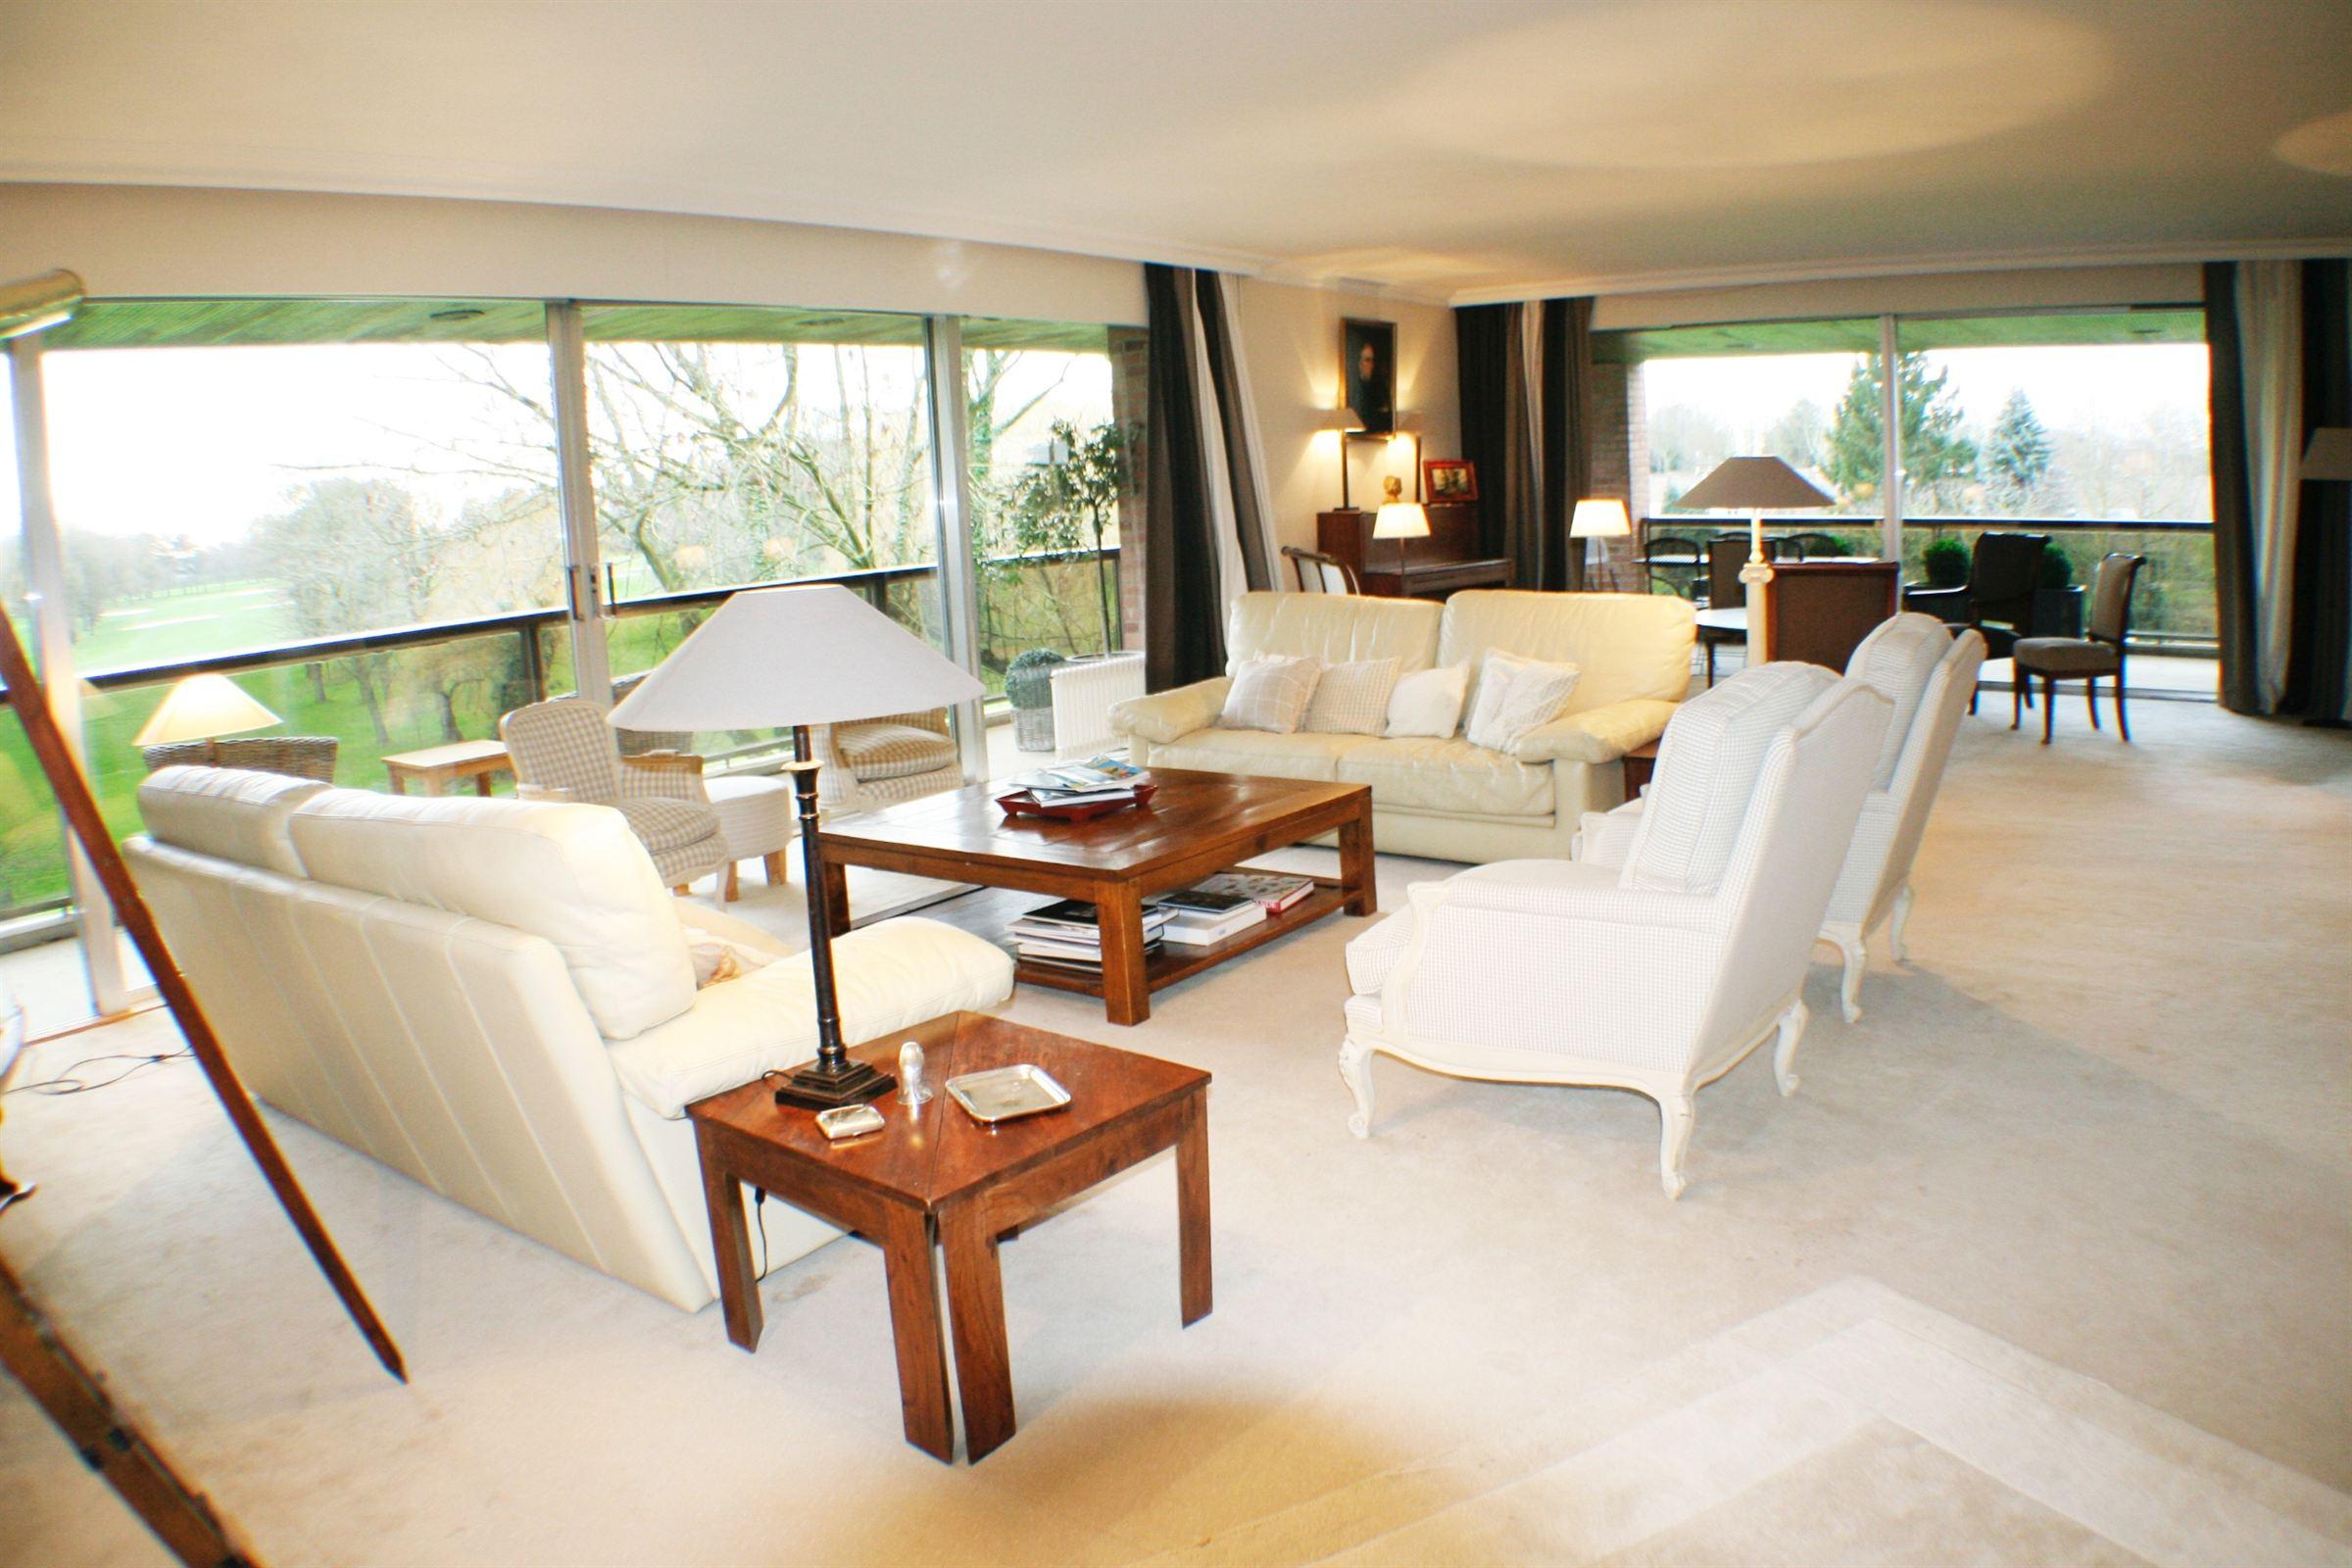 Property For Sale at WASQUEHAL, Appartement de 275 m² hab, 4 ch. dans résidence de grand standing